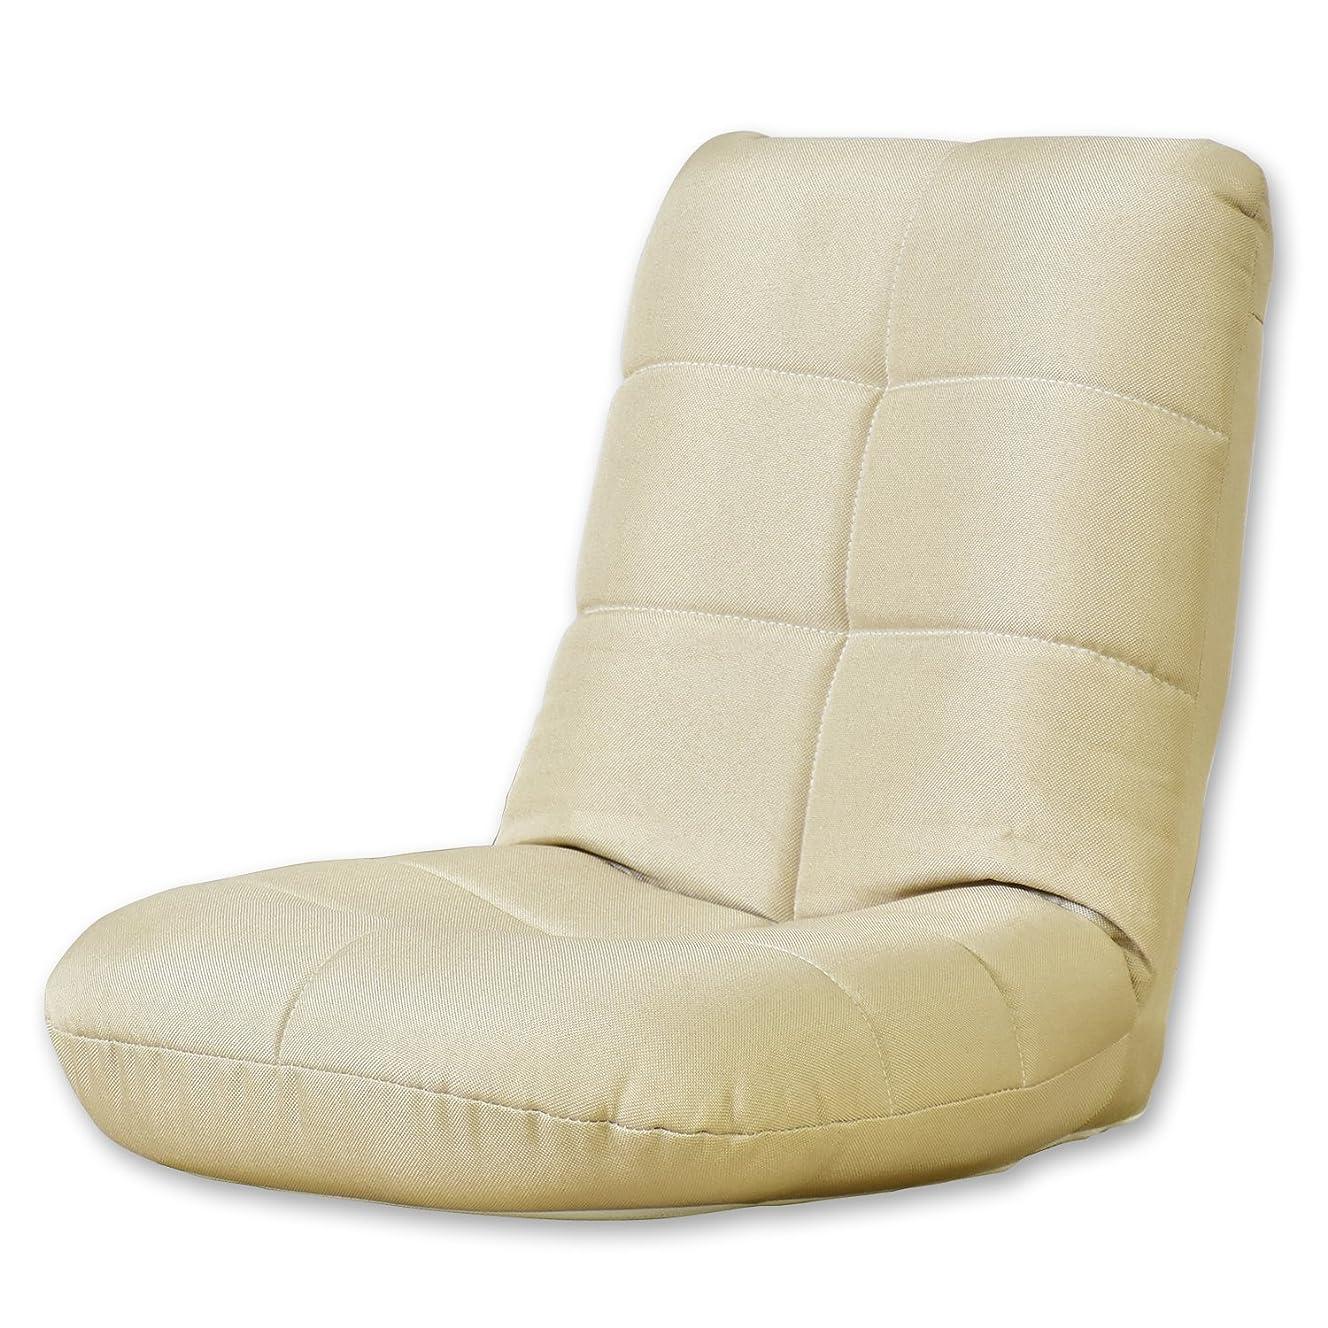 吹雪シャックルミントDORIS 座椅子 コンパクト 軽量 パックン座椅子 かわいい 子供 ベージュ ラッコミニ